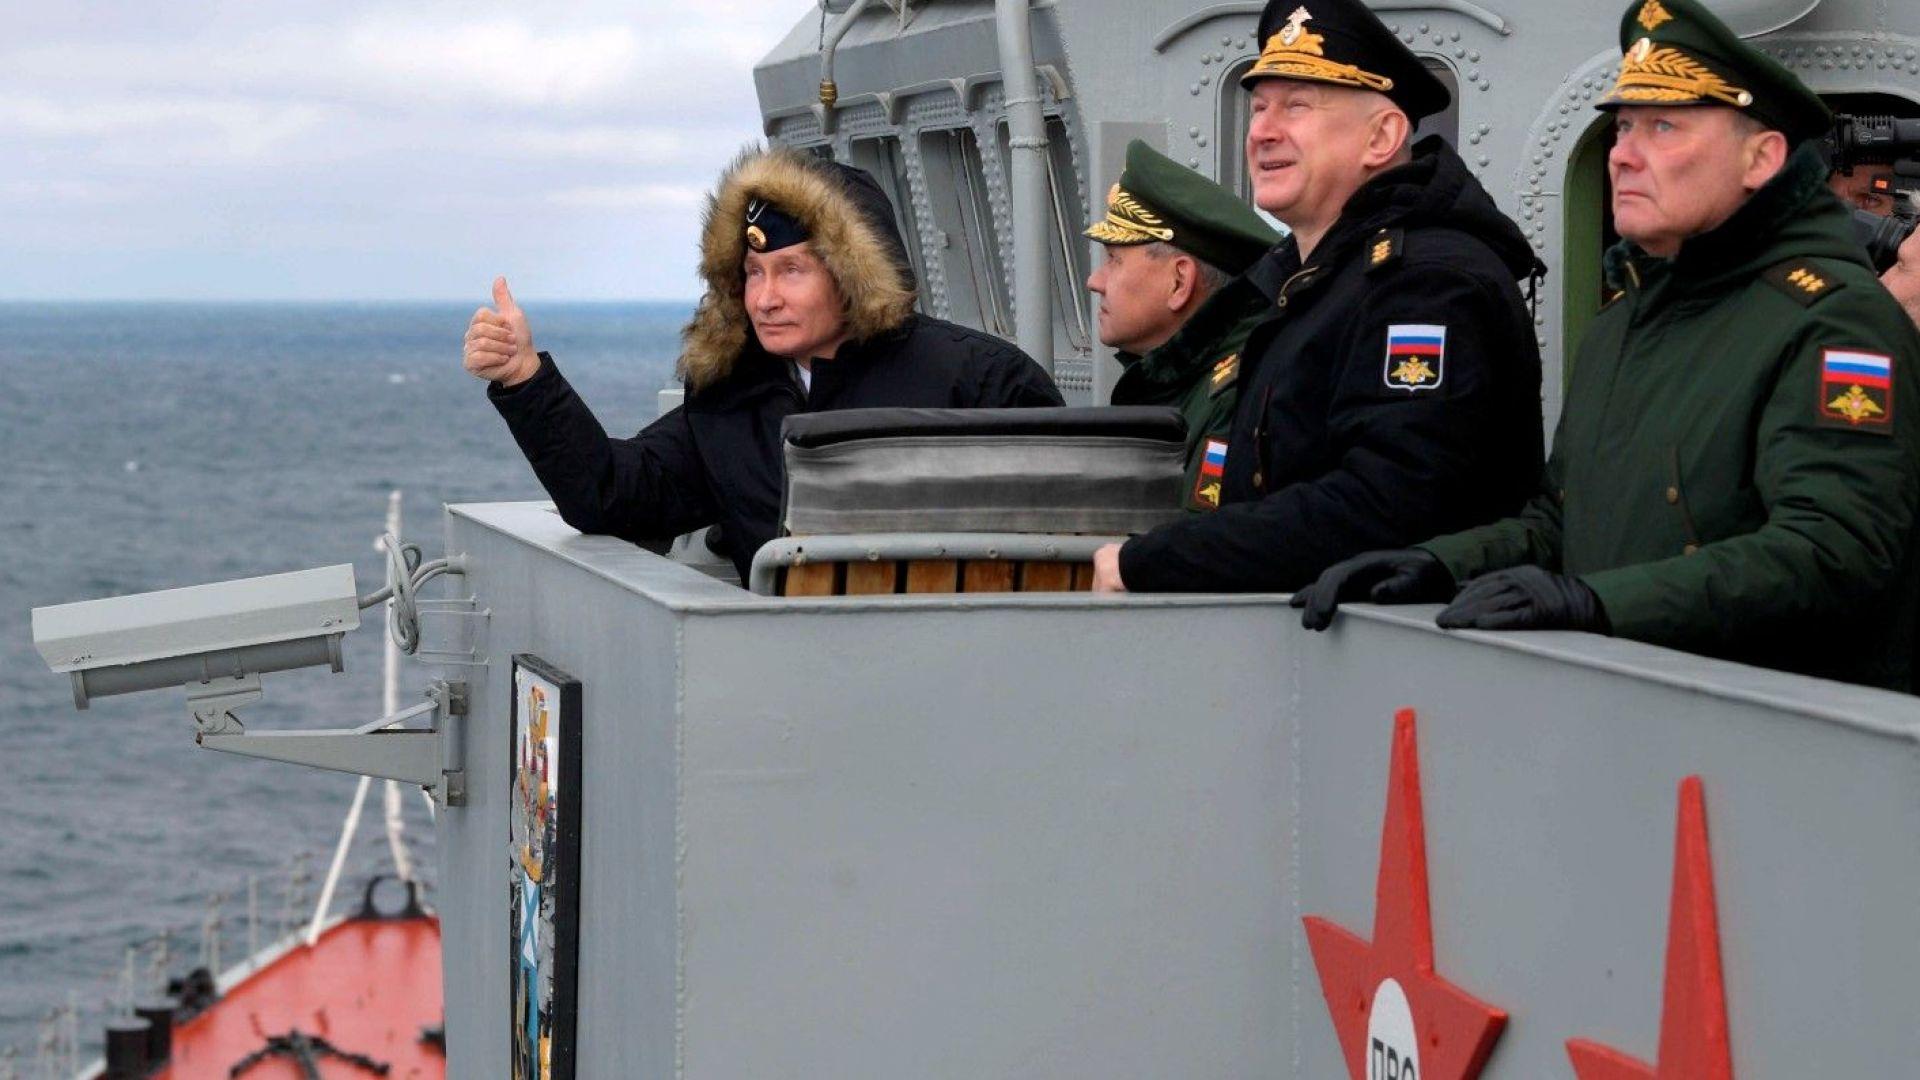 Путин наблюдава маневри в Черно море на борда на крайцер (видео+снимки)